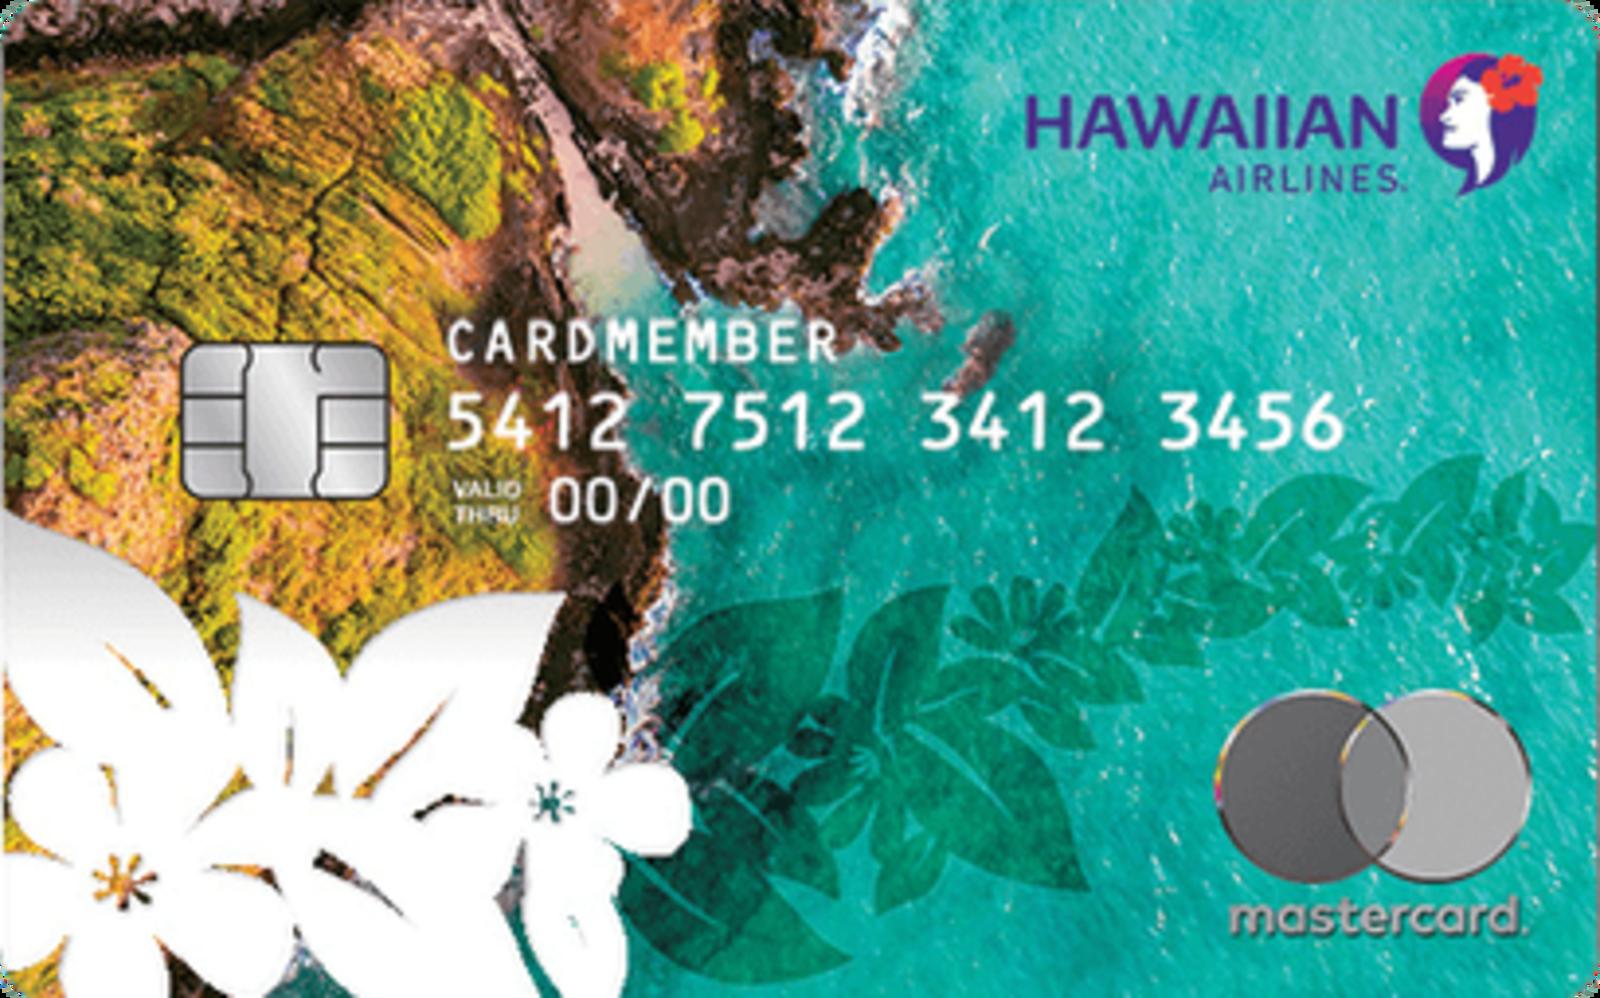 Best Credit Cards for Airline Miles - September 2019 Picks